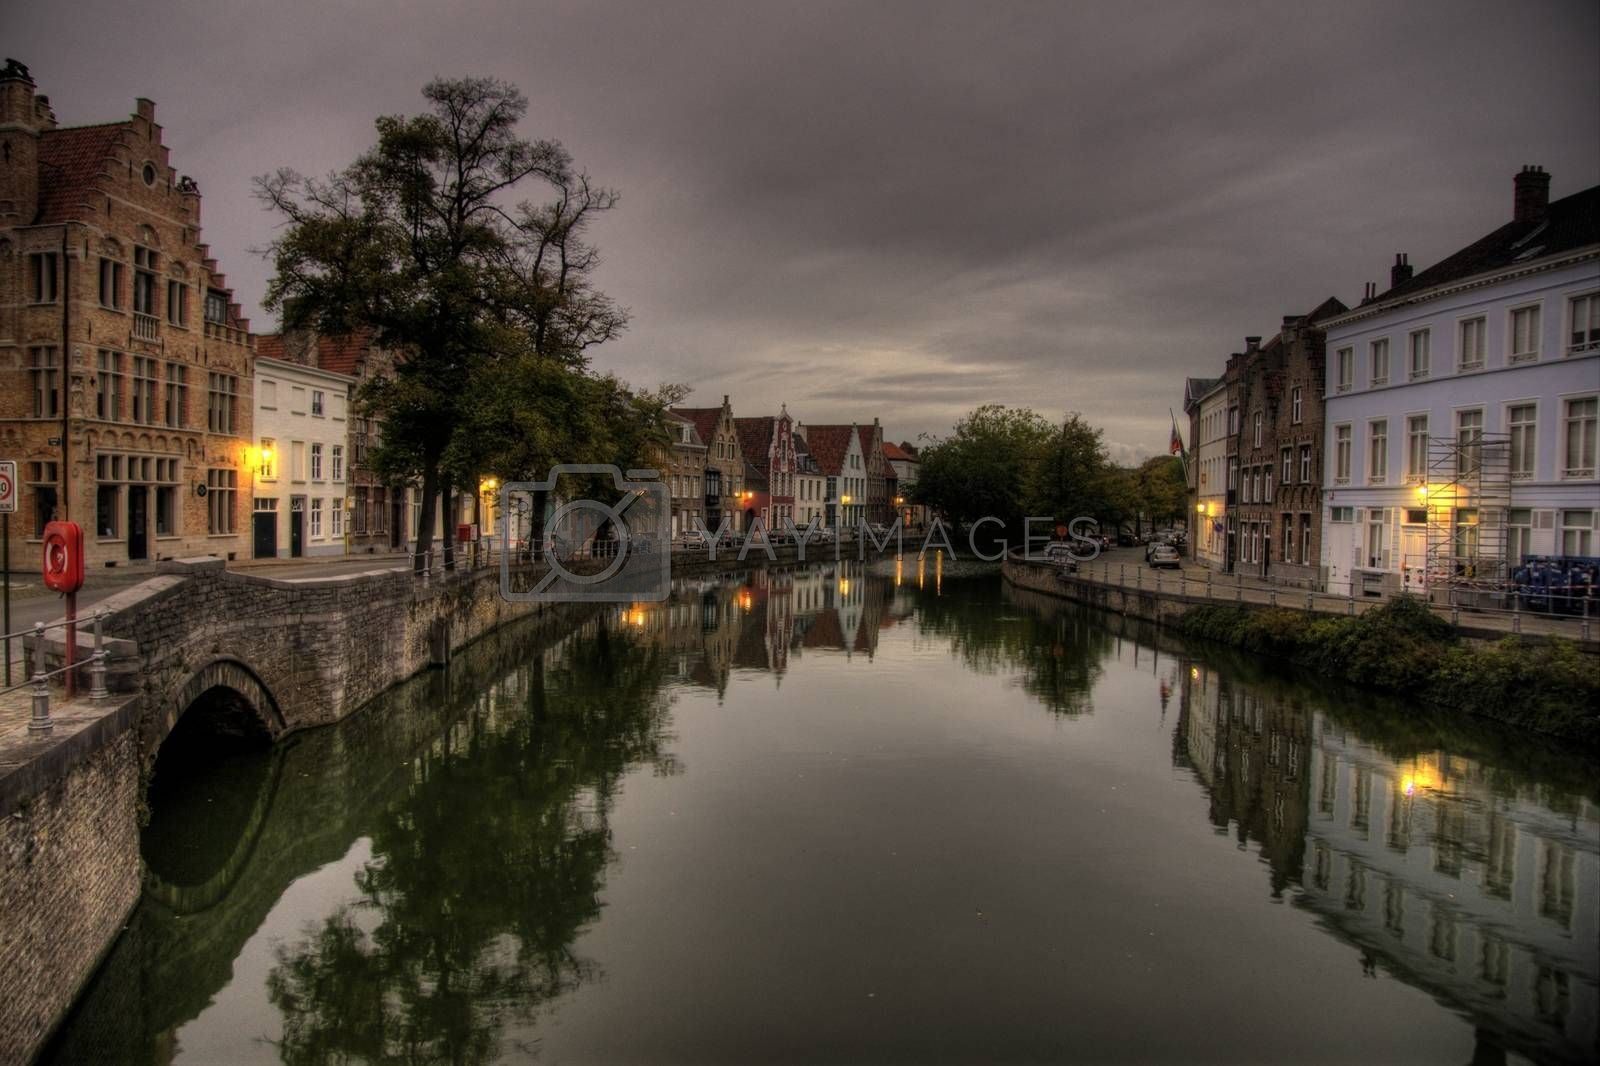 Travel in Brugge by javax